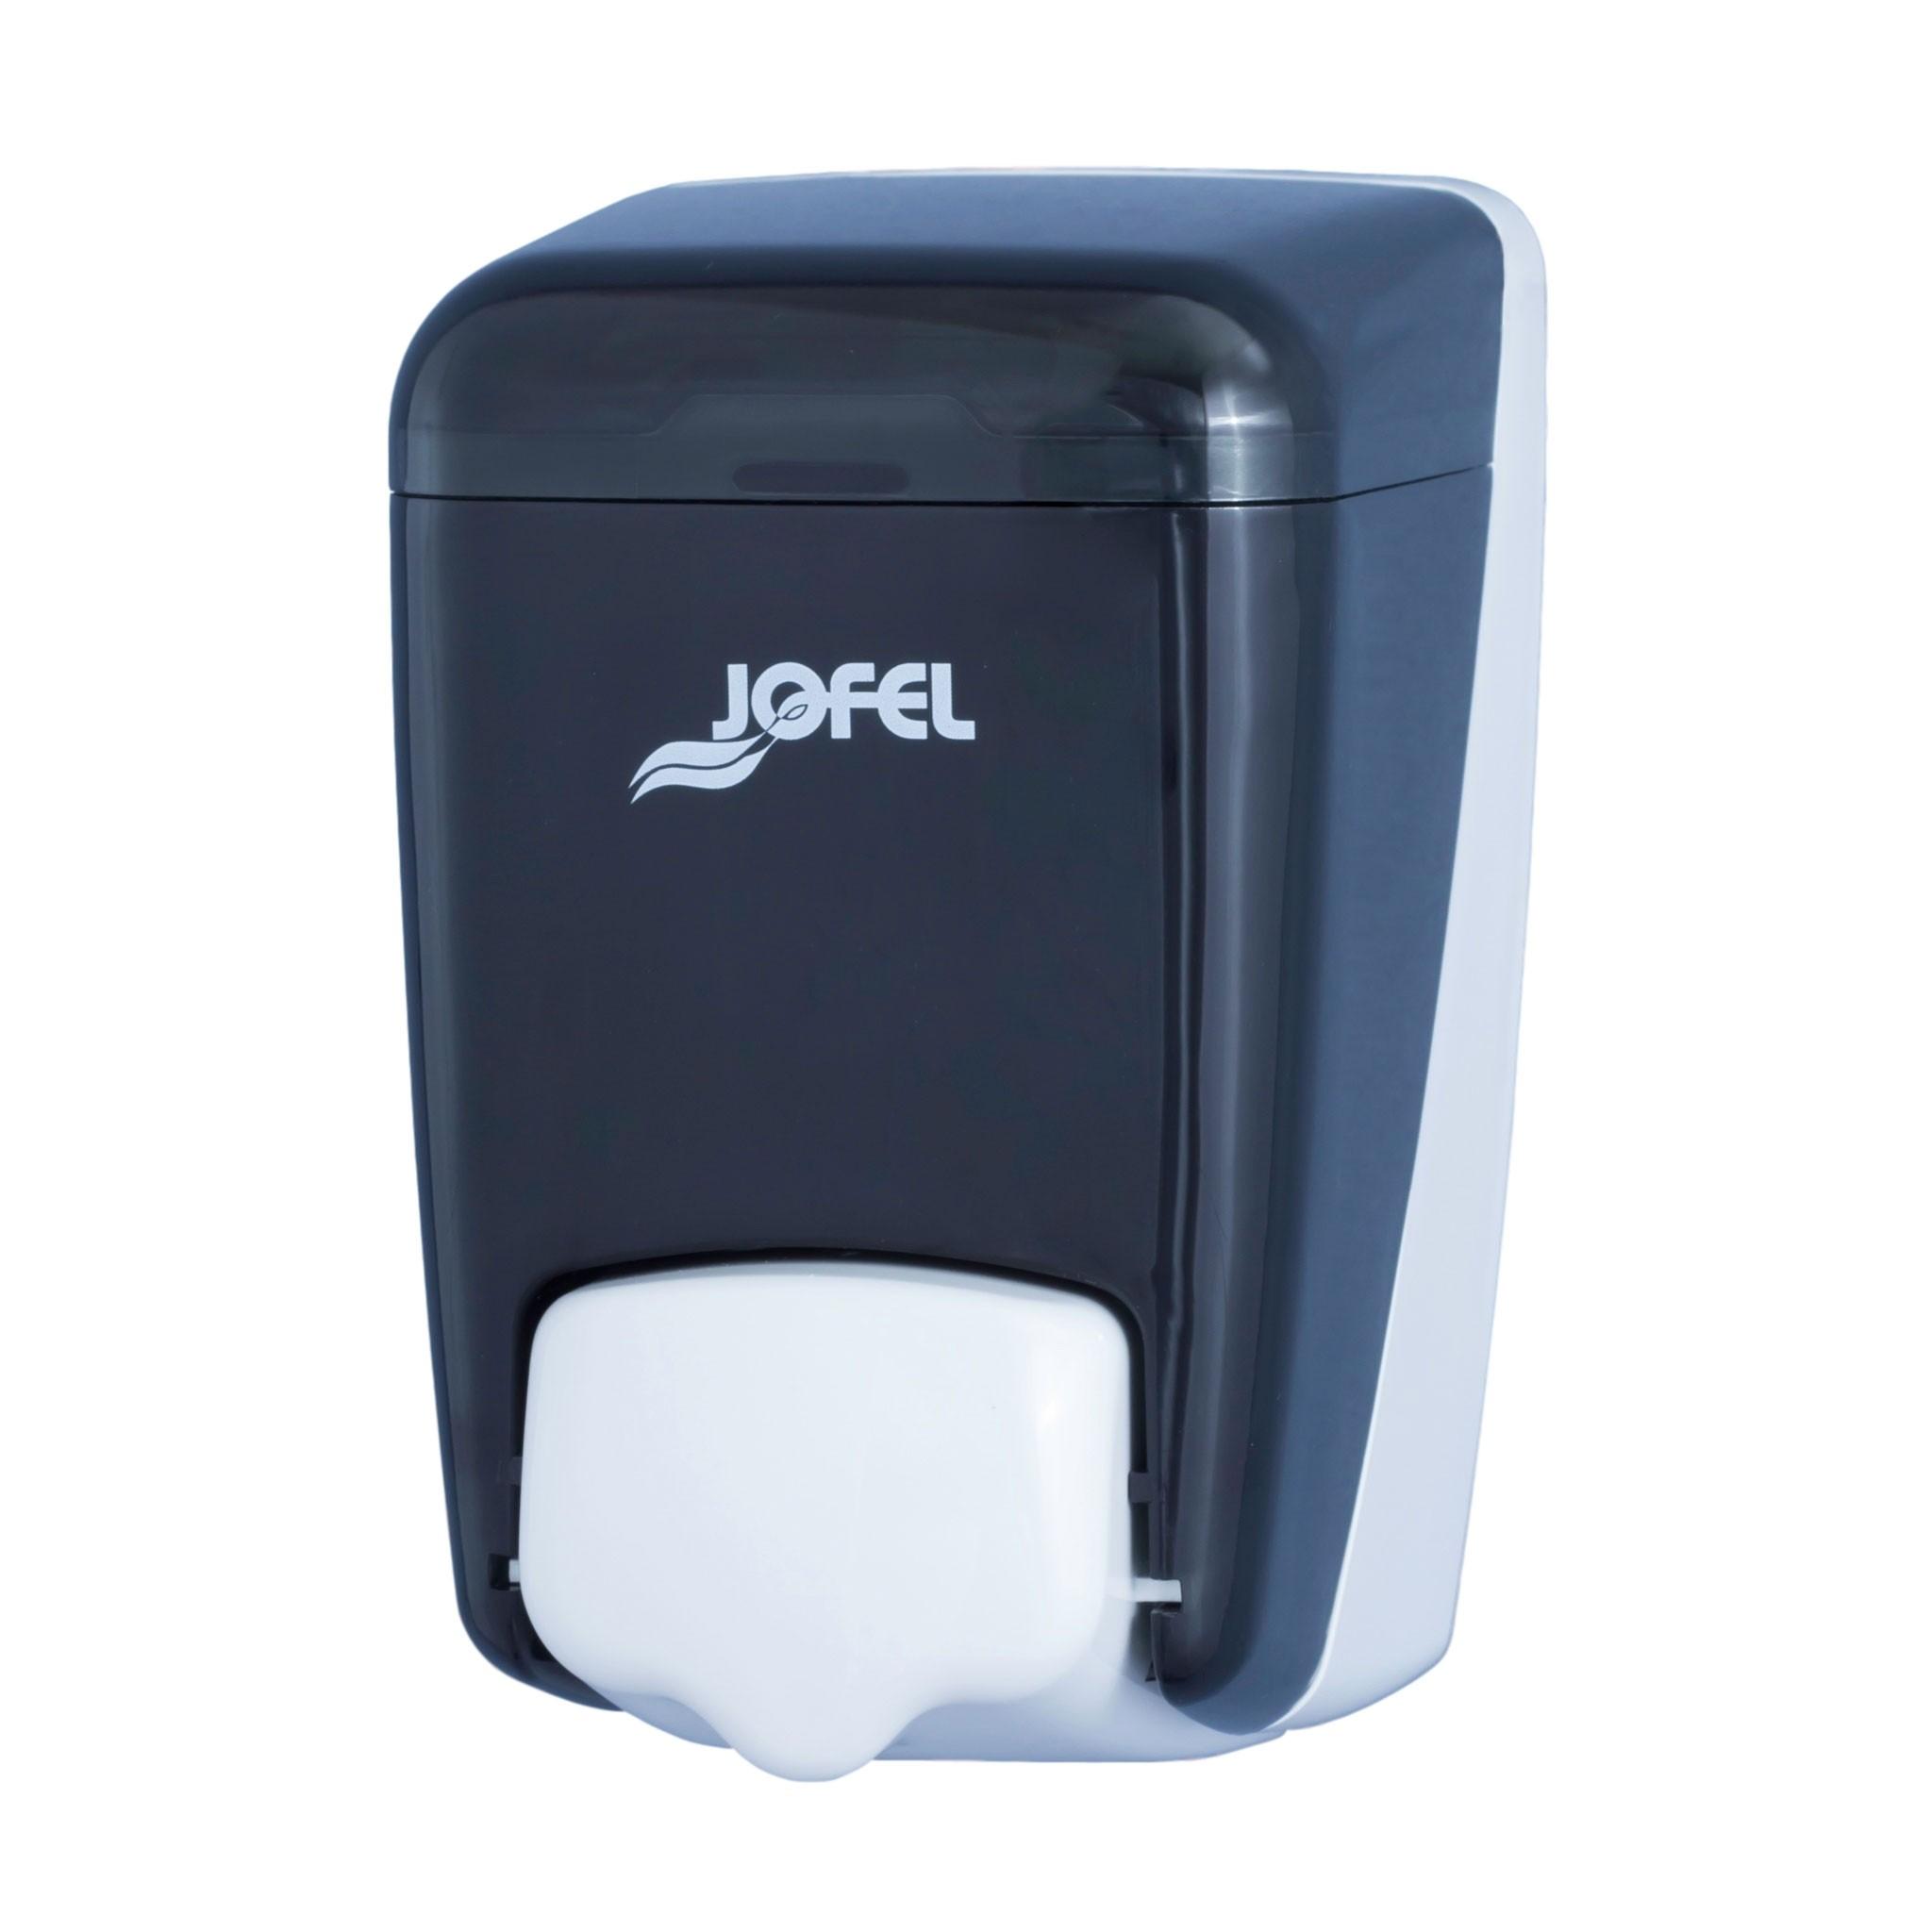 Πλαστική σαπουνοθήκη Jofel Azur Black AC84000